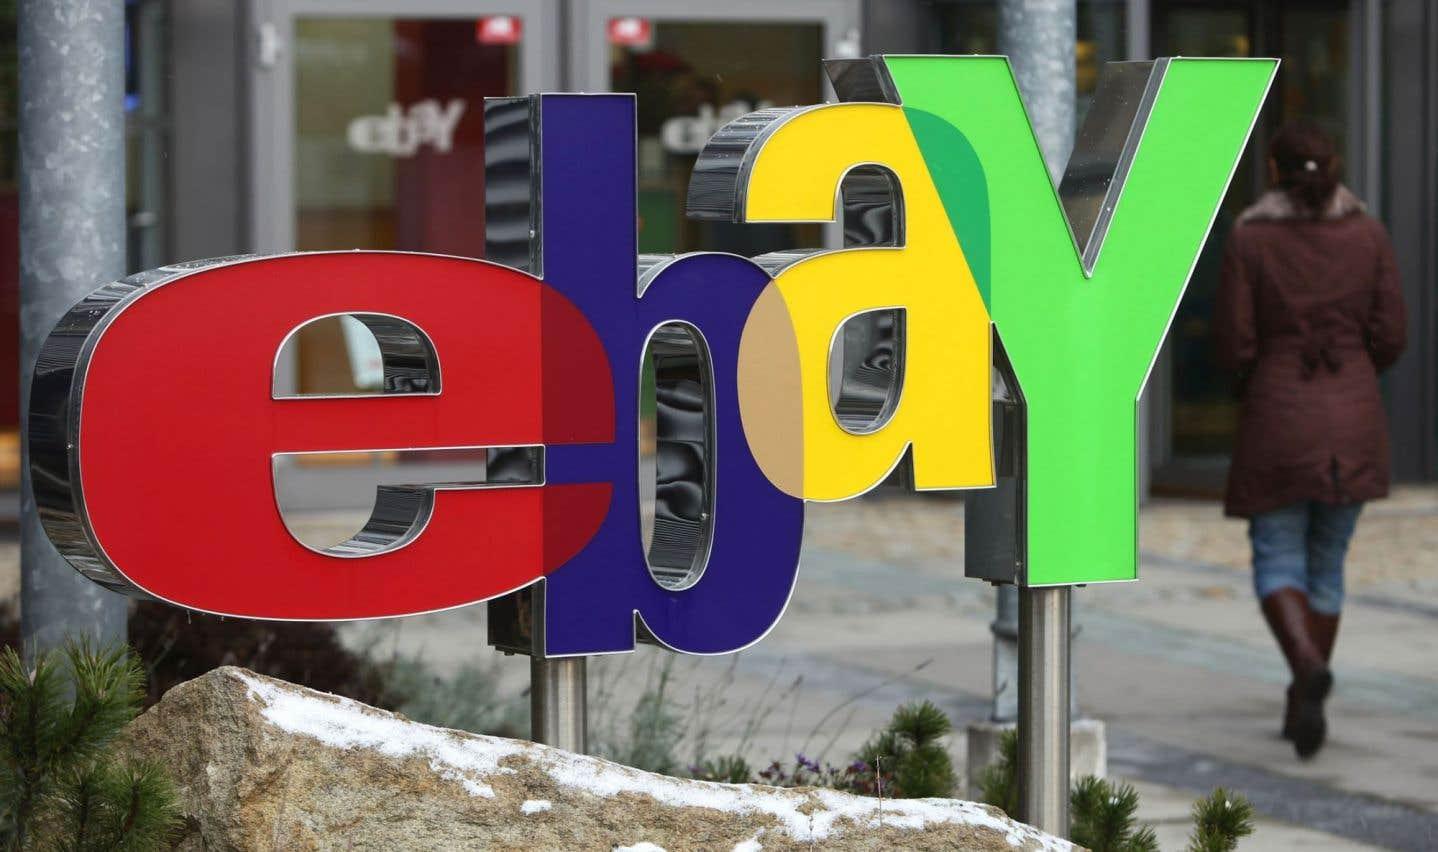 eBay veut convaincre Québec de ne pas taxer les ventes en ligne